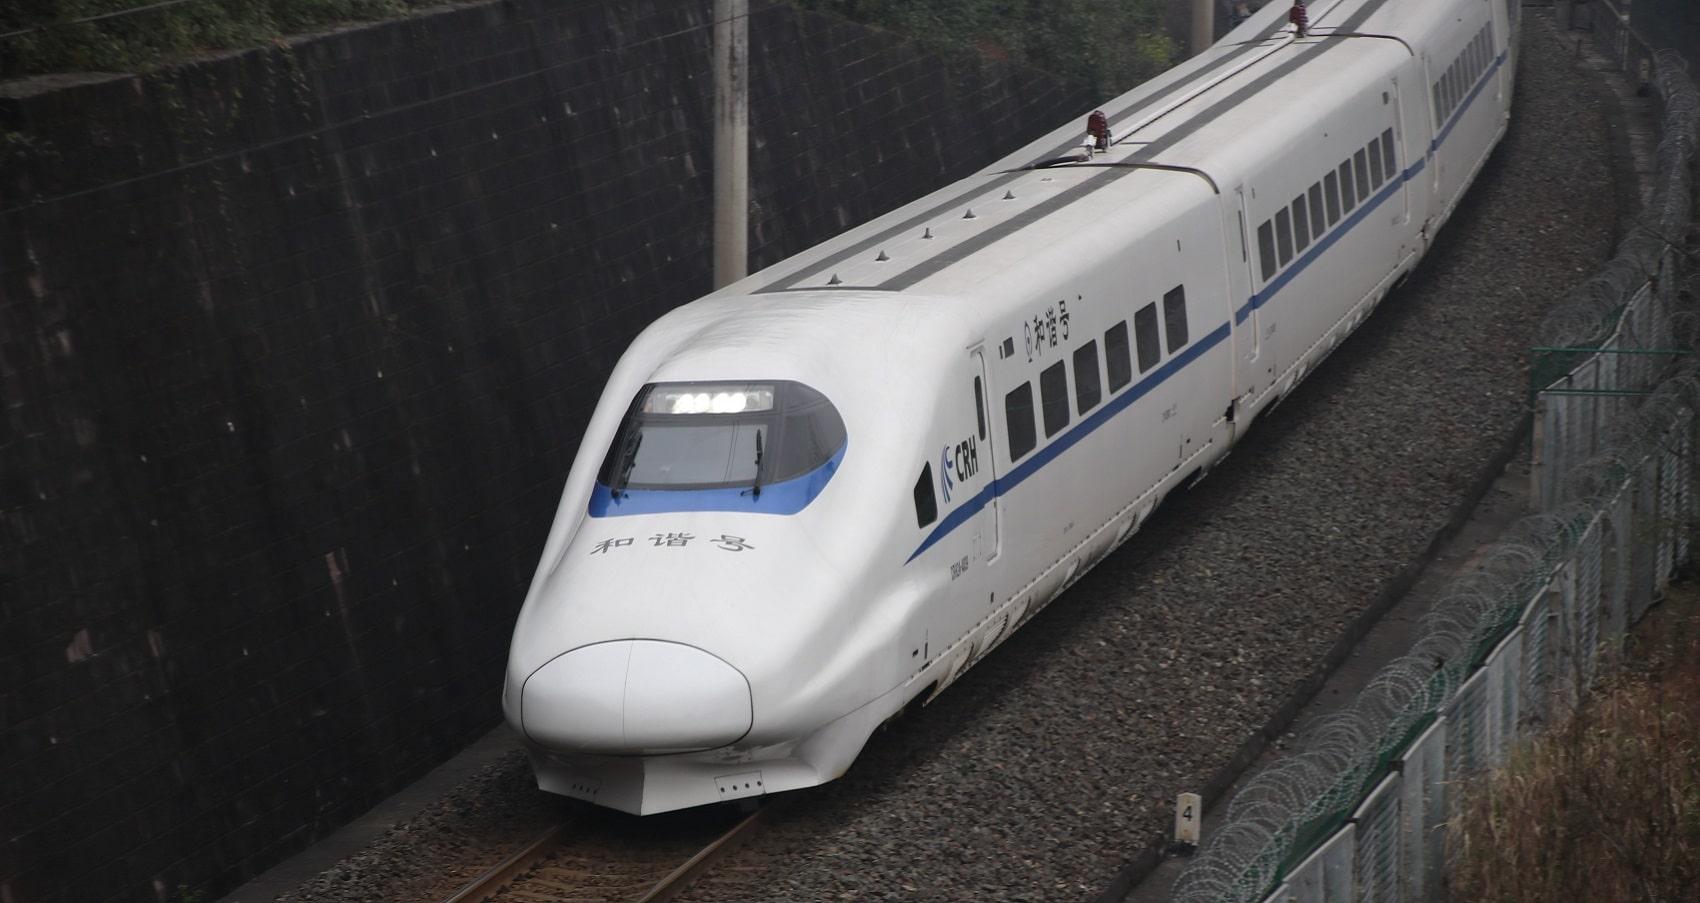 domaine-ferroviaire-apptek-pp